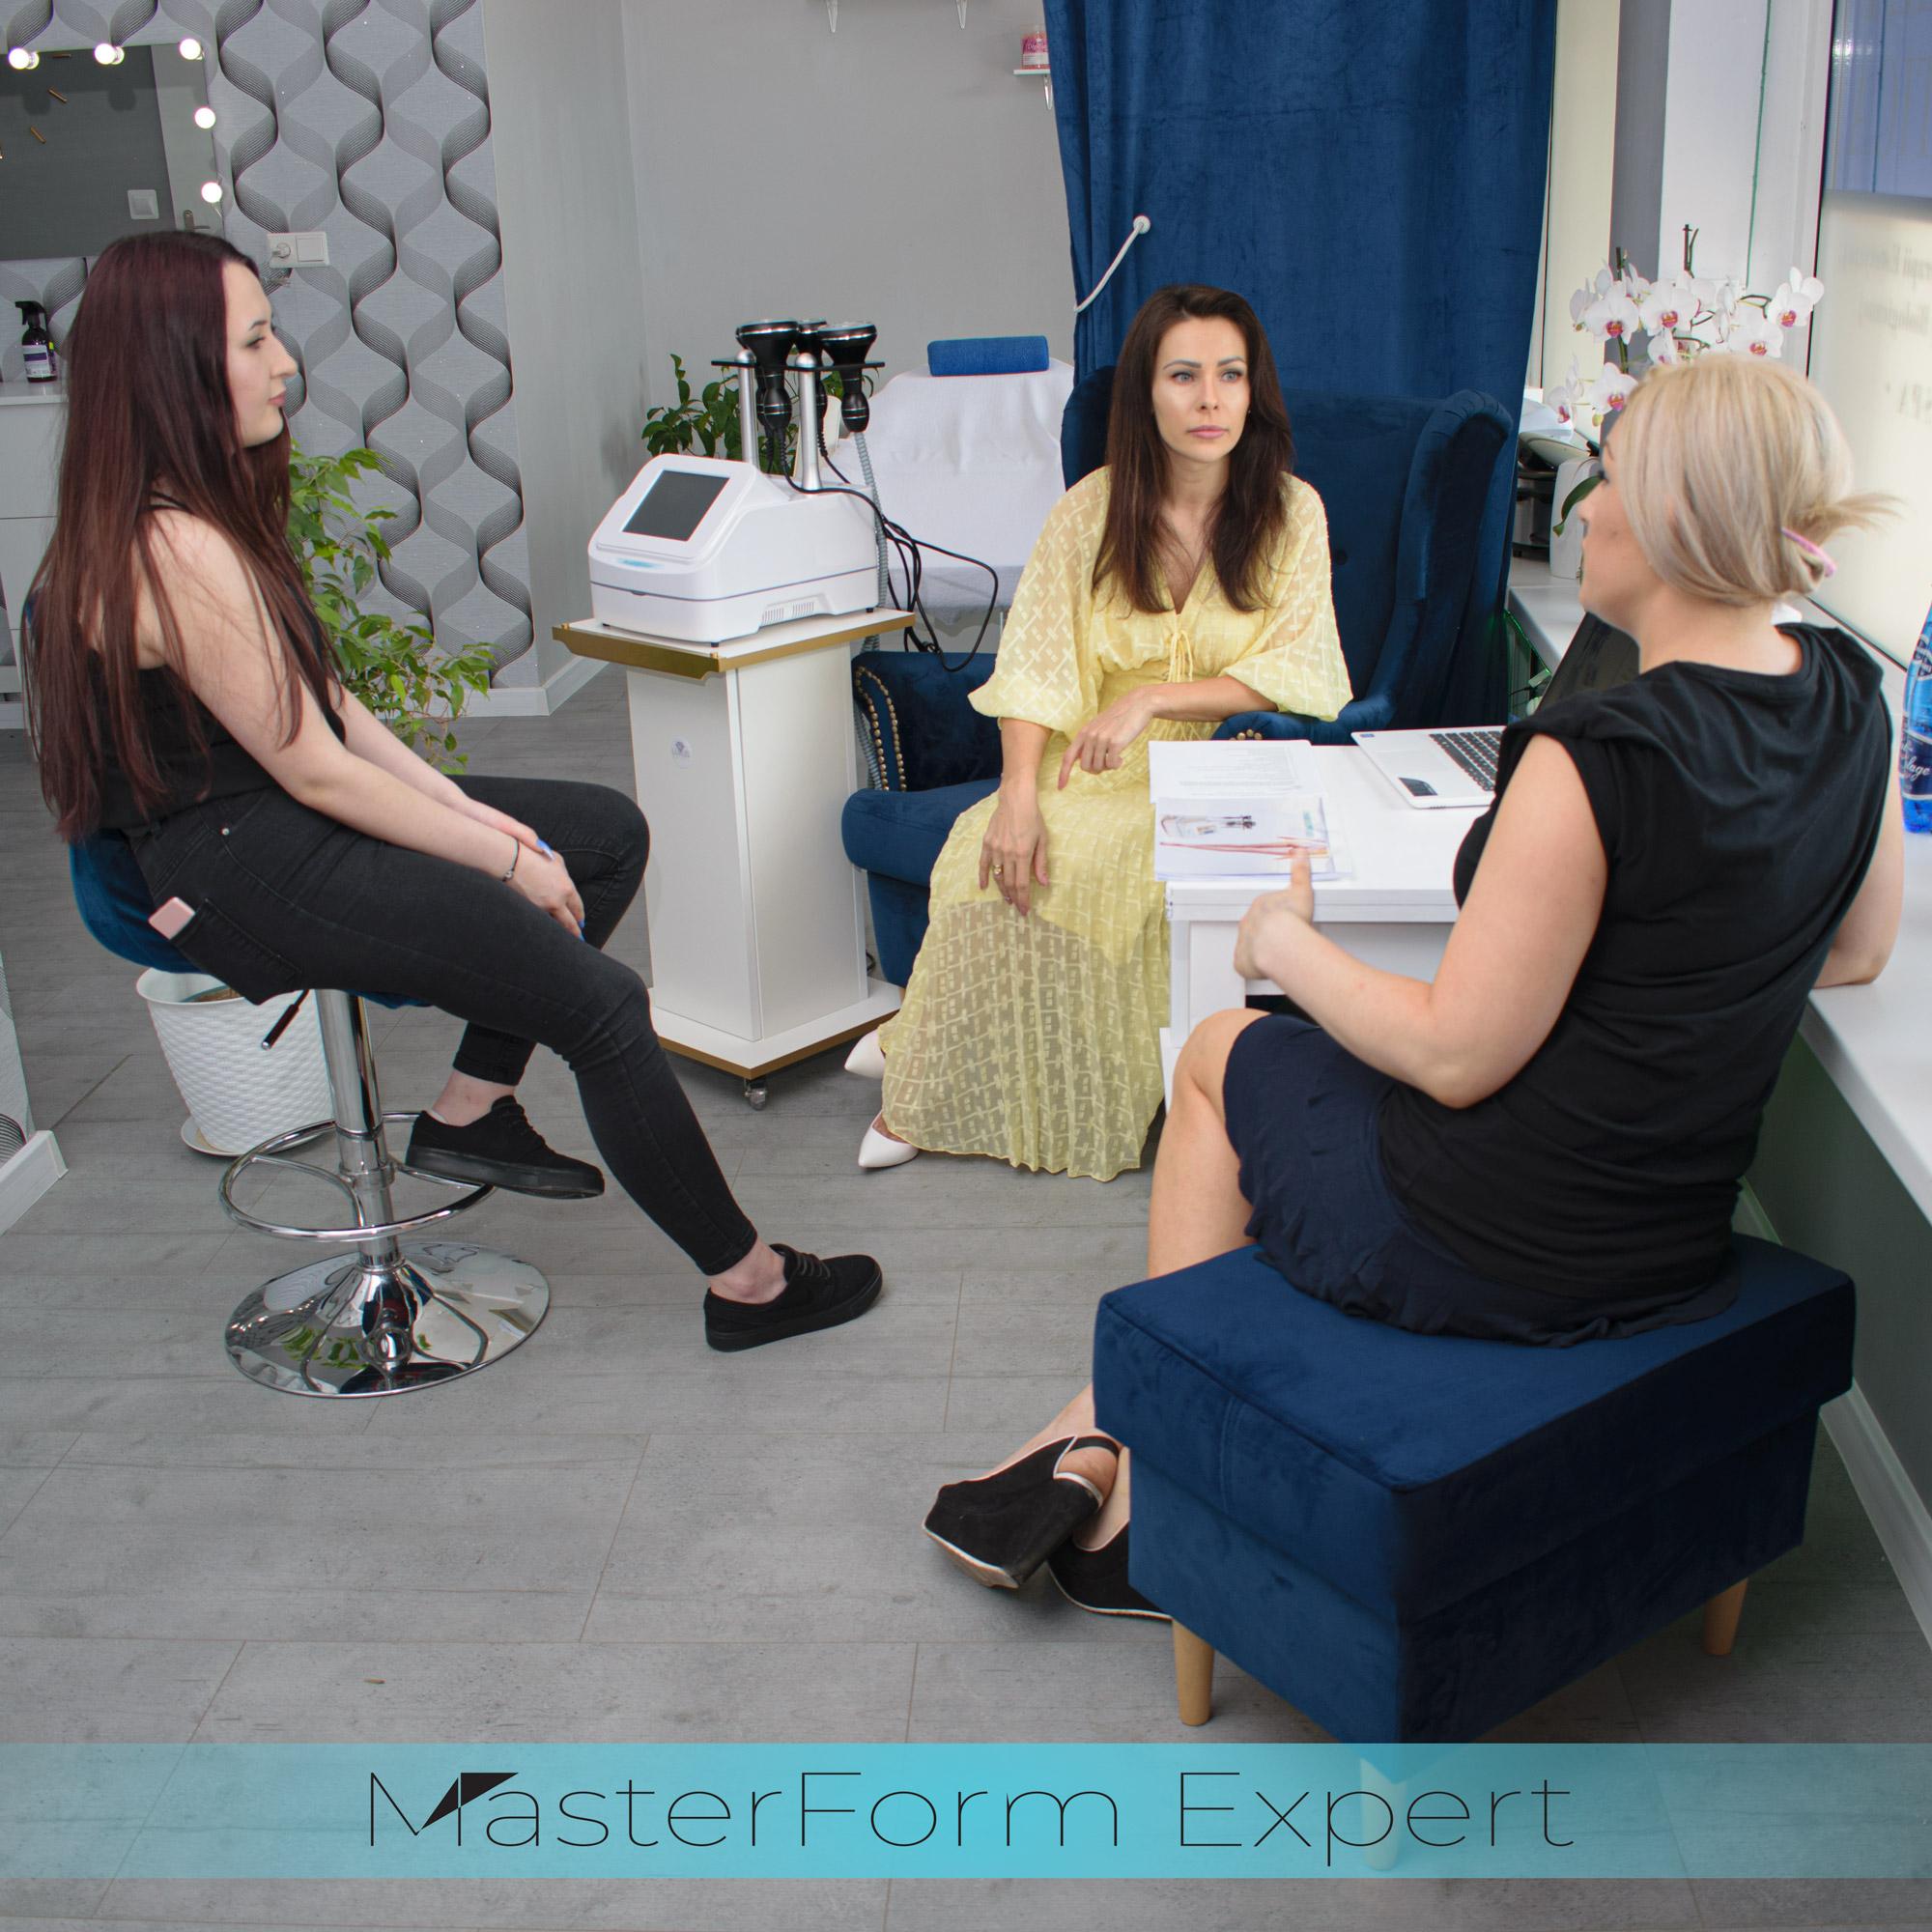 Wspólnie z bliską osobą możesz wziąść udział w szkoleniu kosmetologicznym